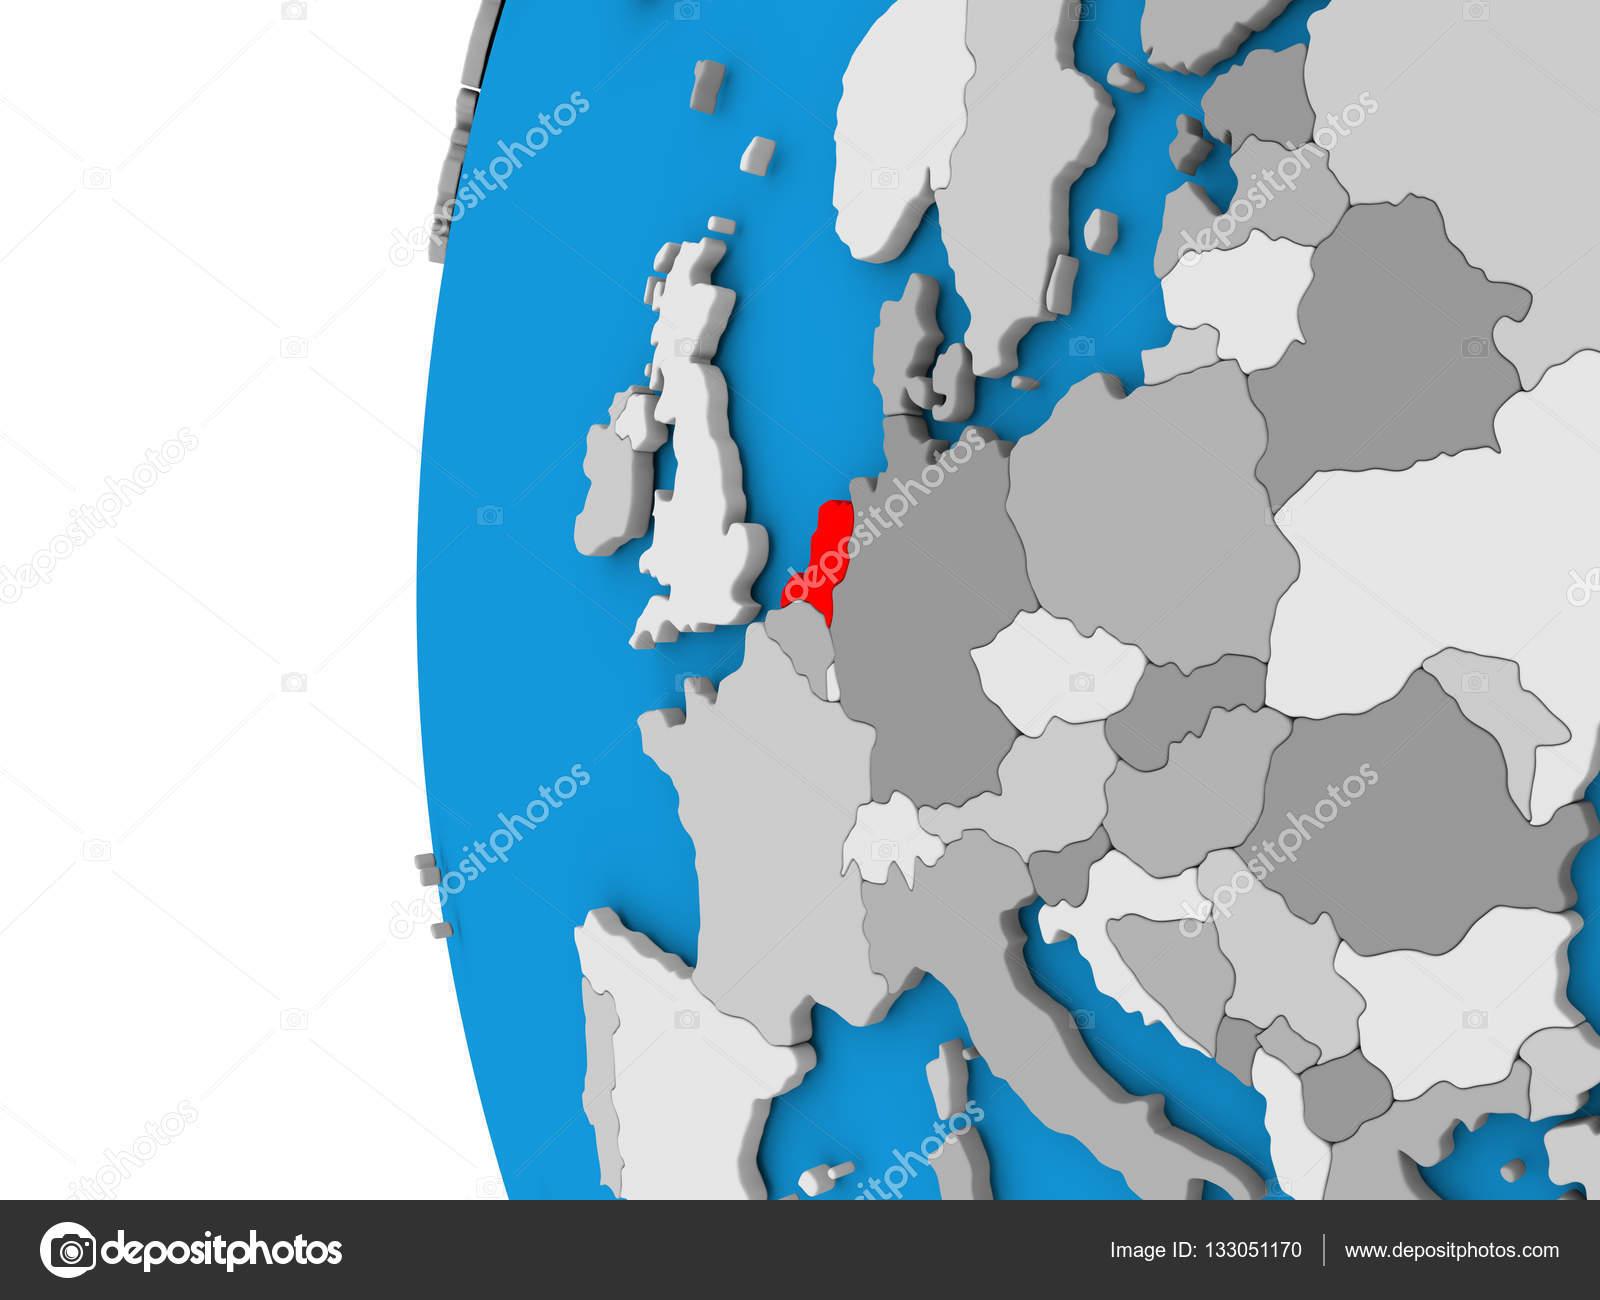 Niederlande Karte Welt.Niederlande Auf Globus Stockfoto C Tom Griger 133051170